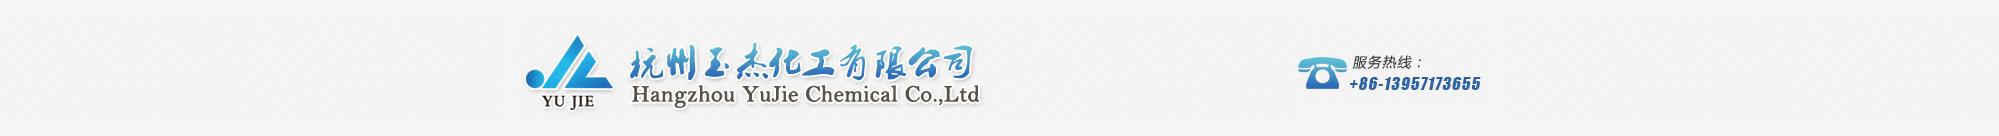 杭州玉杰化工有限公司